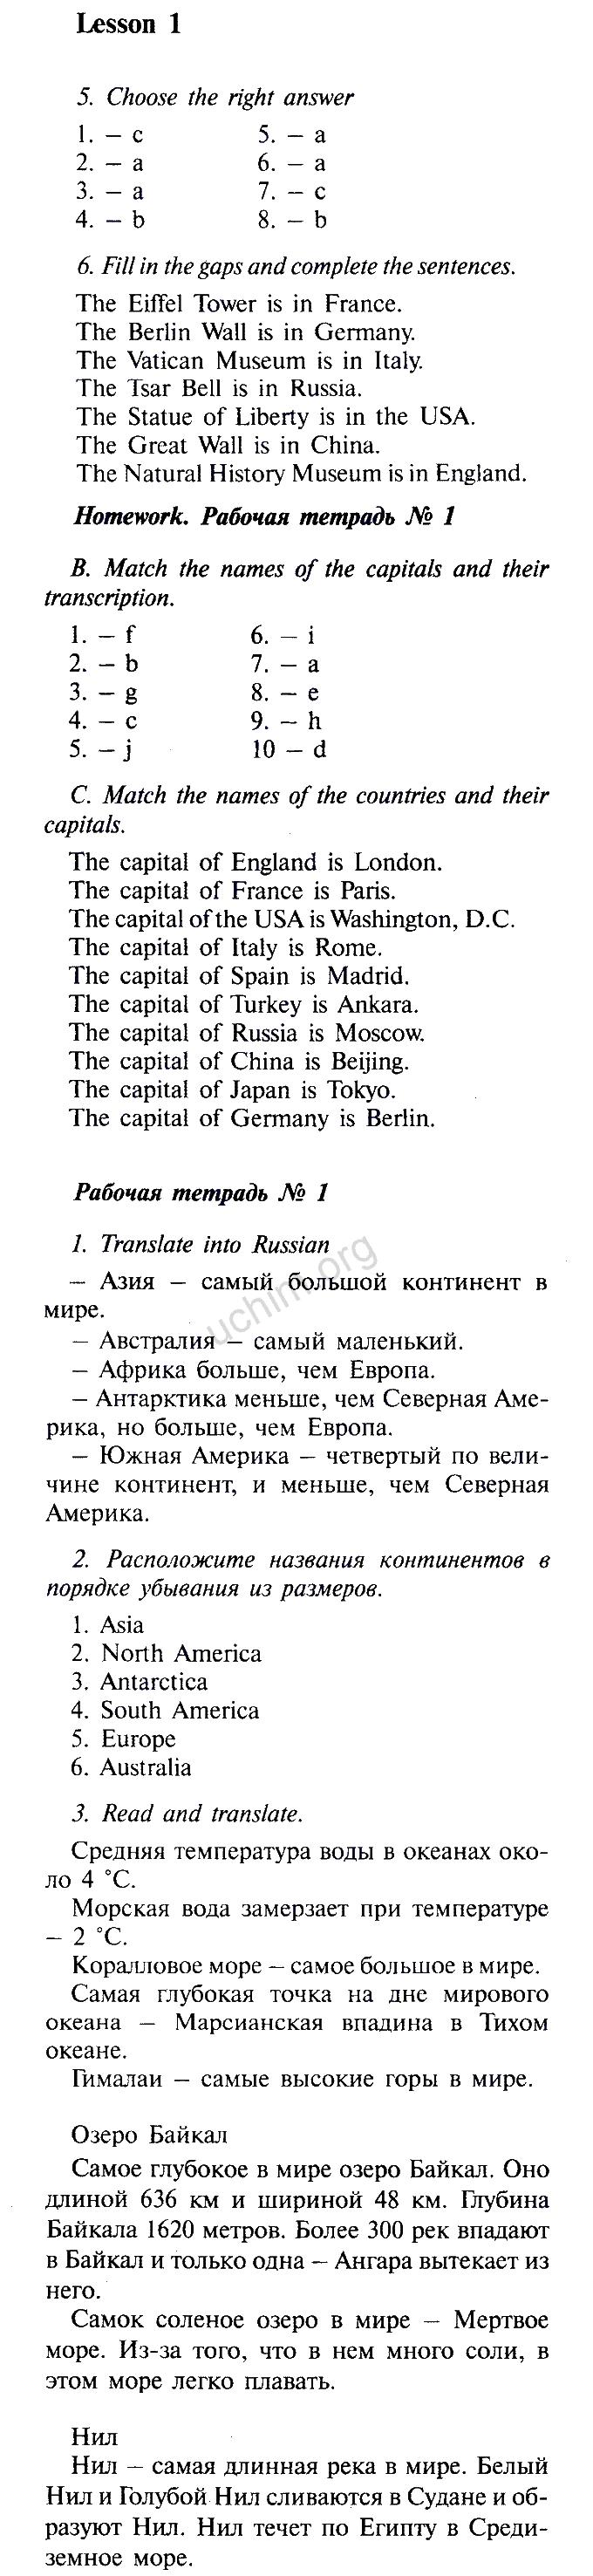 Гдз по англискому языку 7 класс k kaufman m kaufman